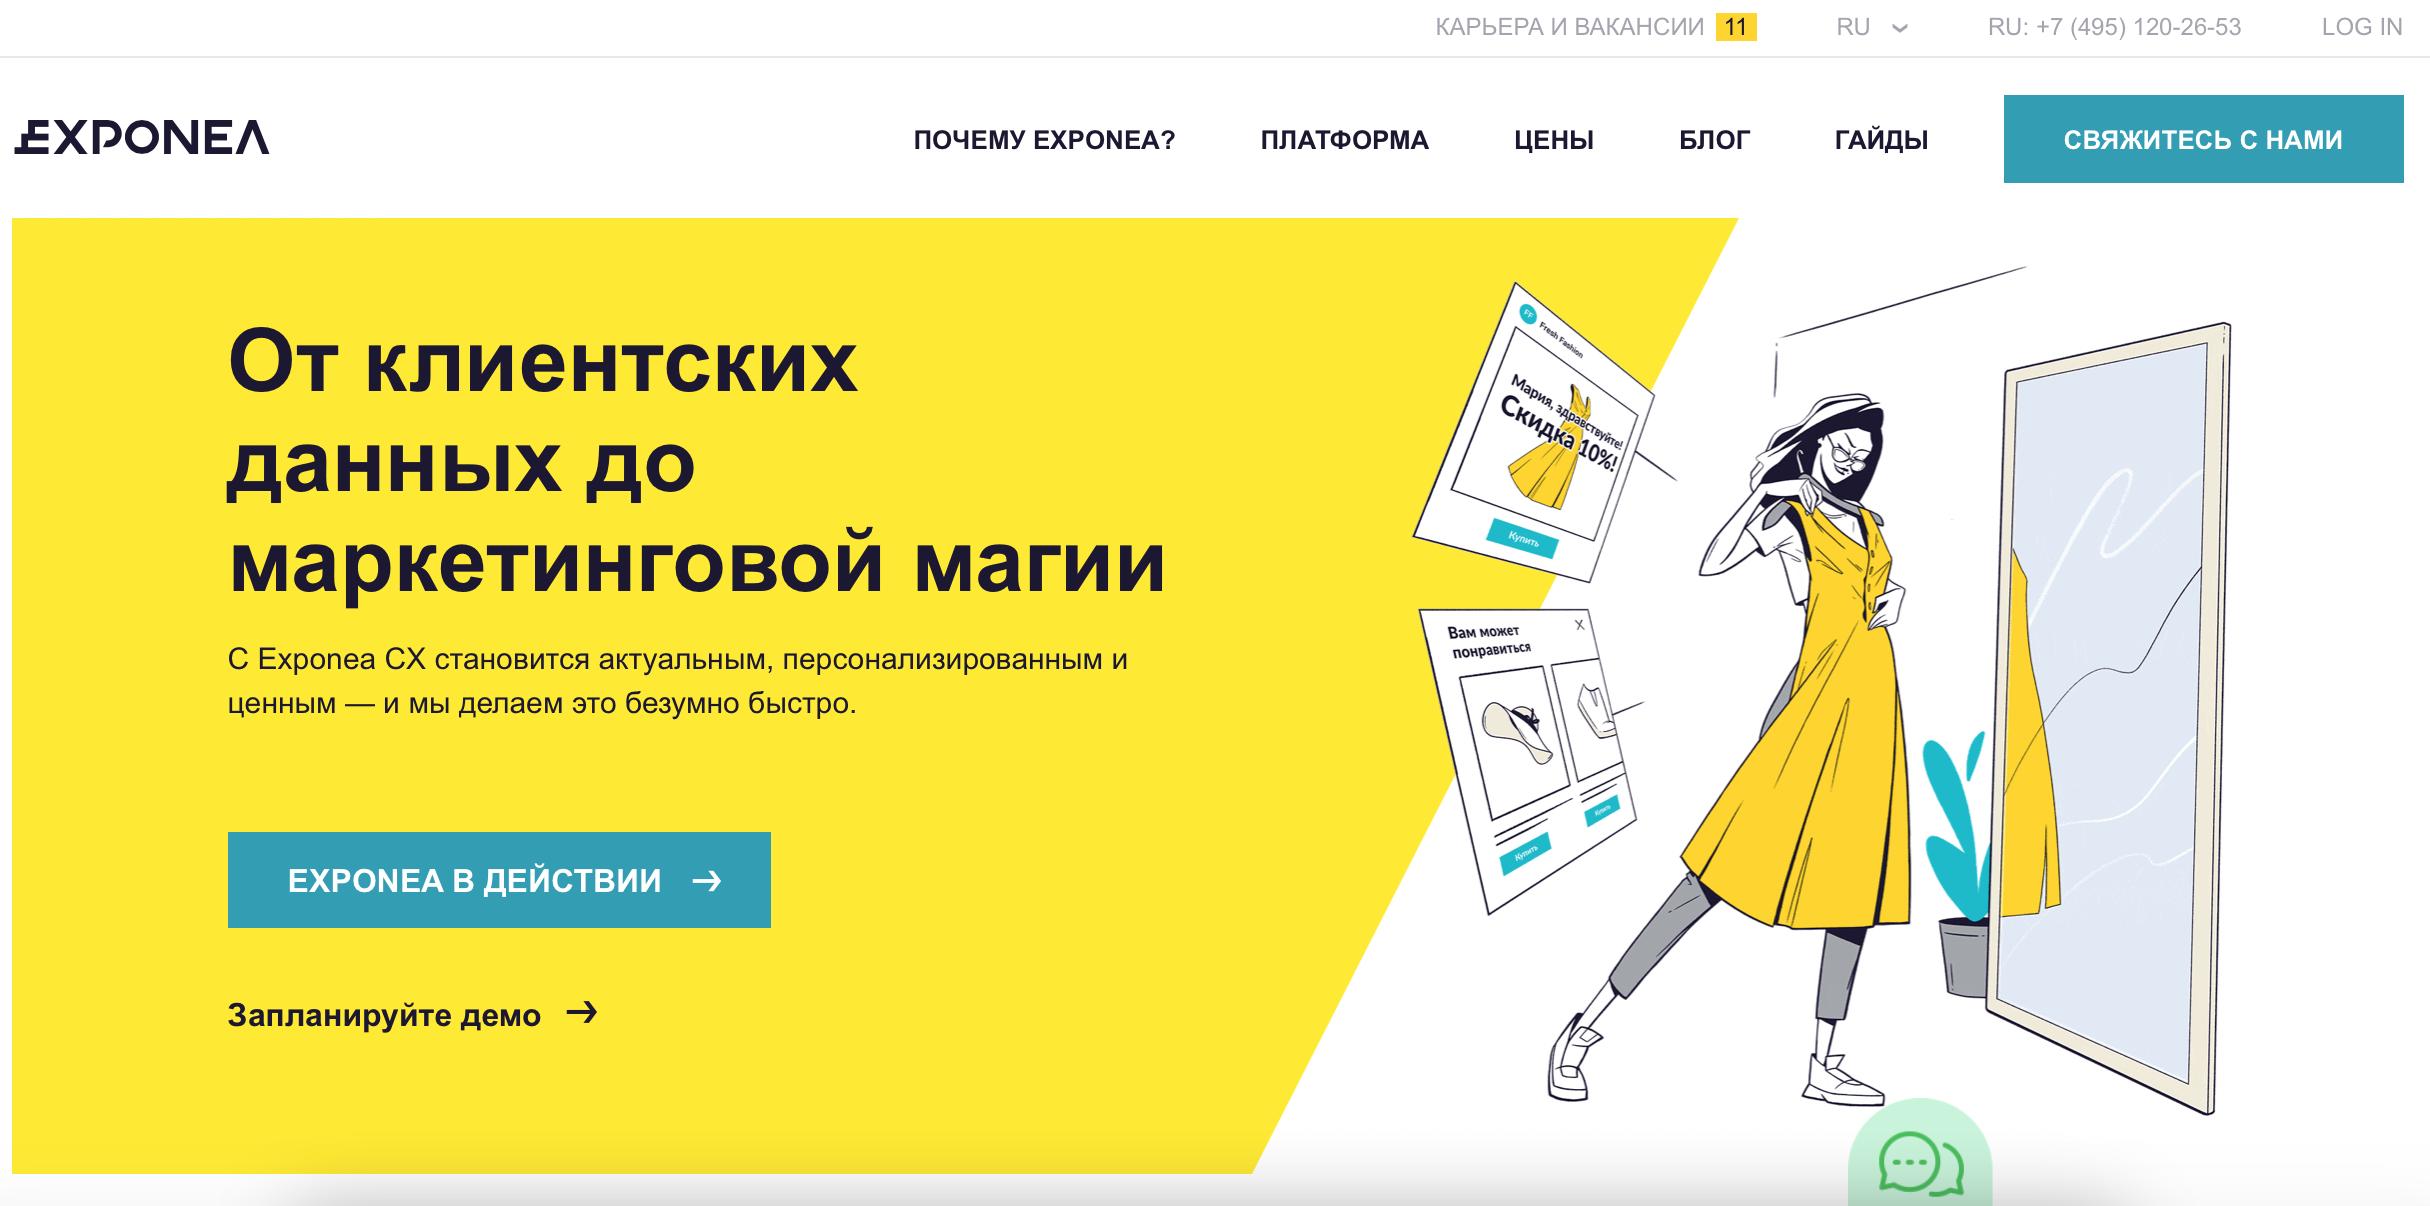 EXPONEA - платформа клиентских данных